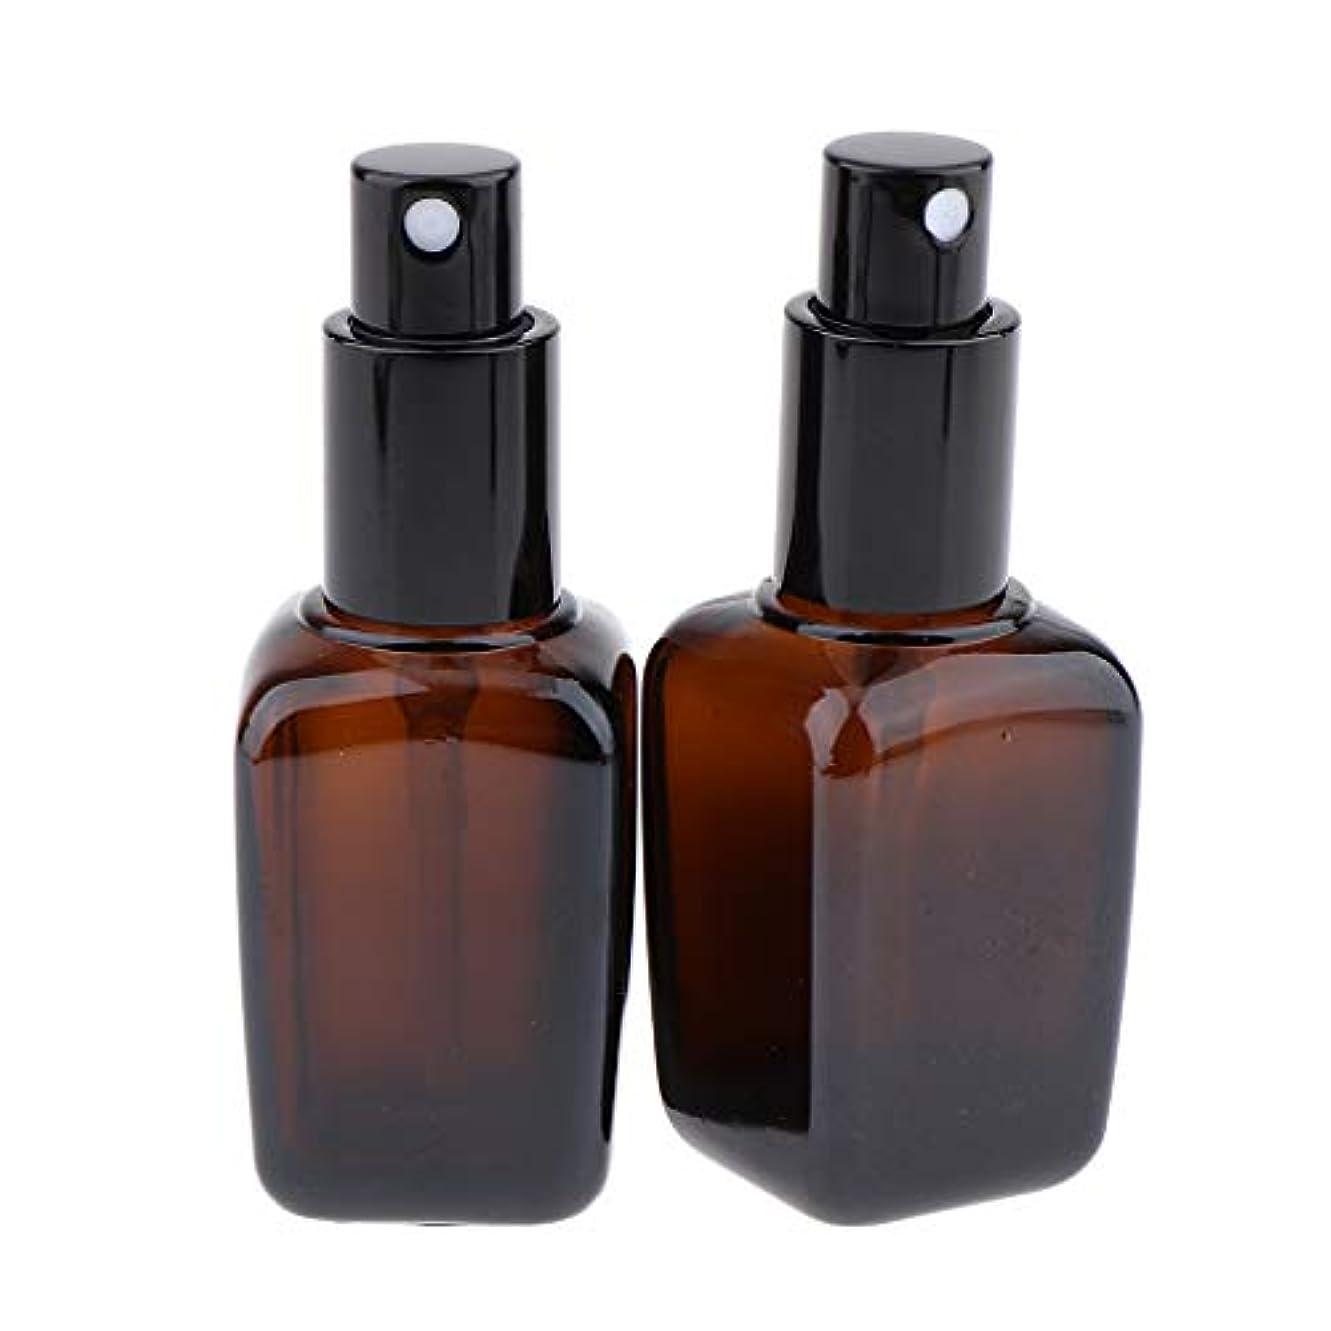 額シエスタ部分的2本 スプレーボトル ガラス ポンプボトル 漏れ防止 香水ボトル 5サイズ選べ - 30ml